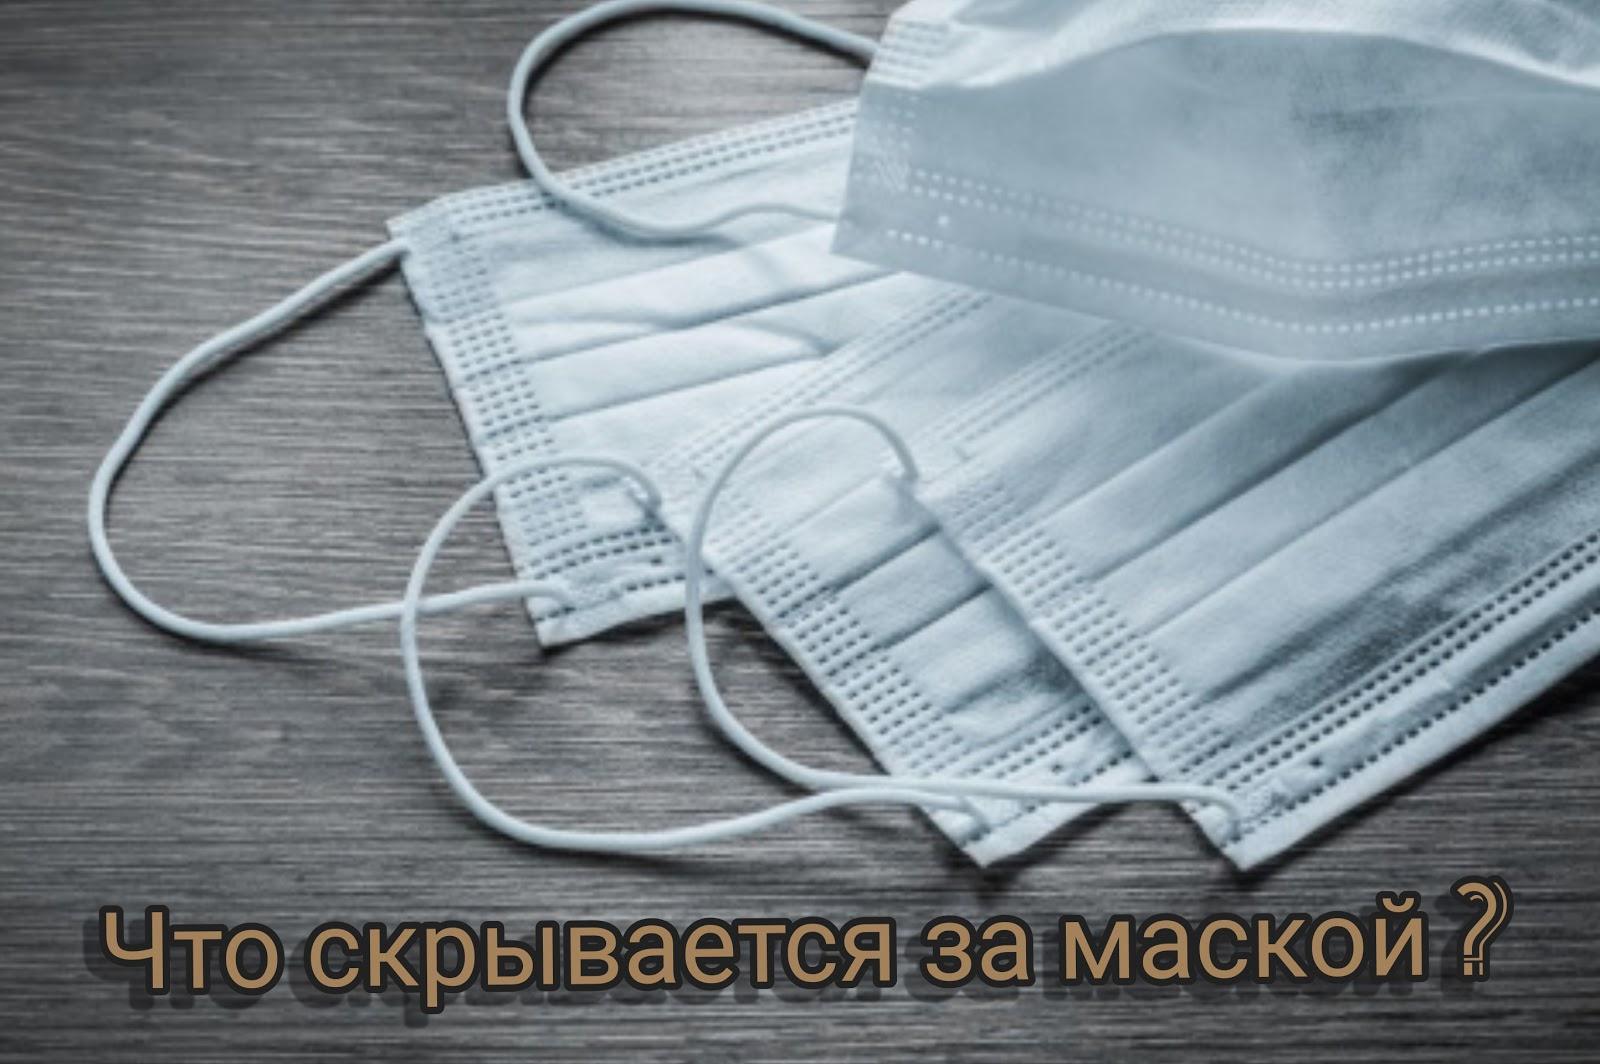 В Подмосковье больше не снимешь маску: новые меры против вируса